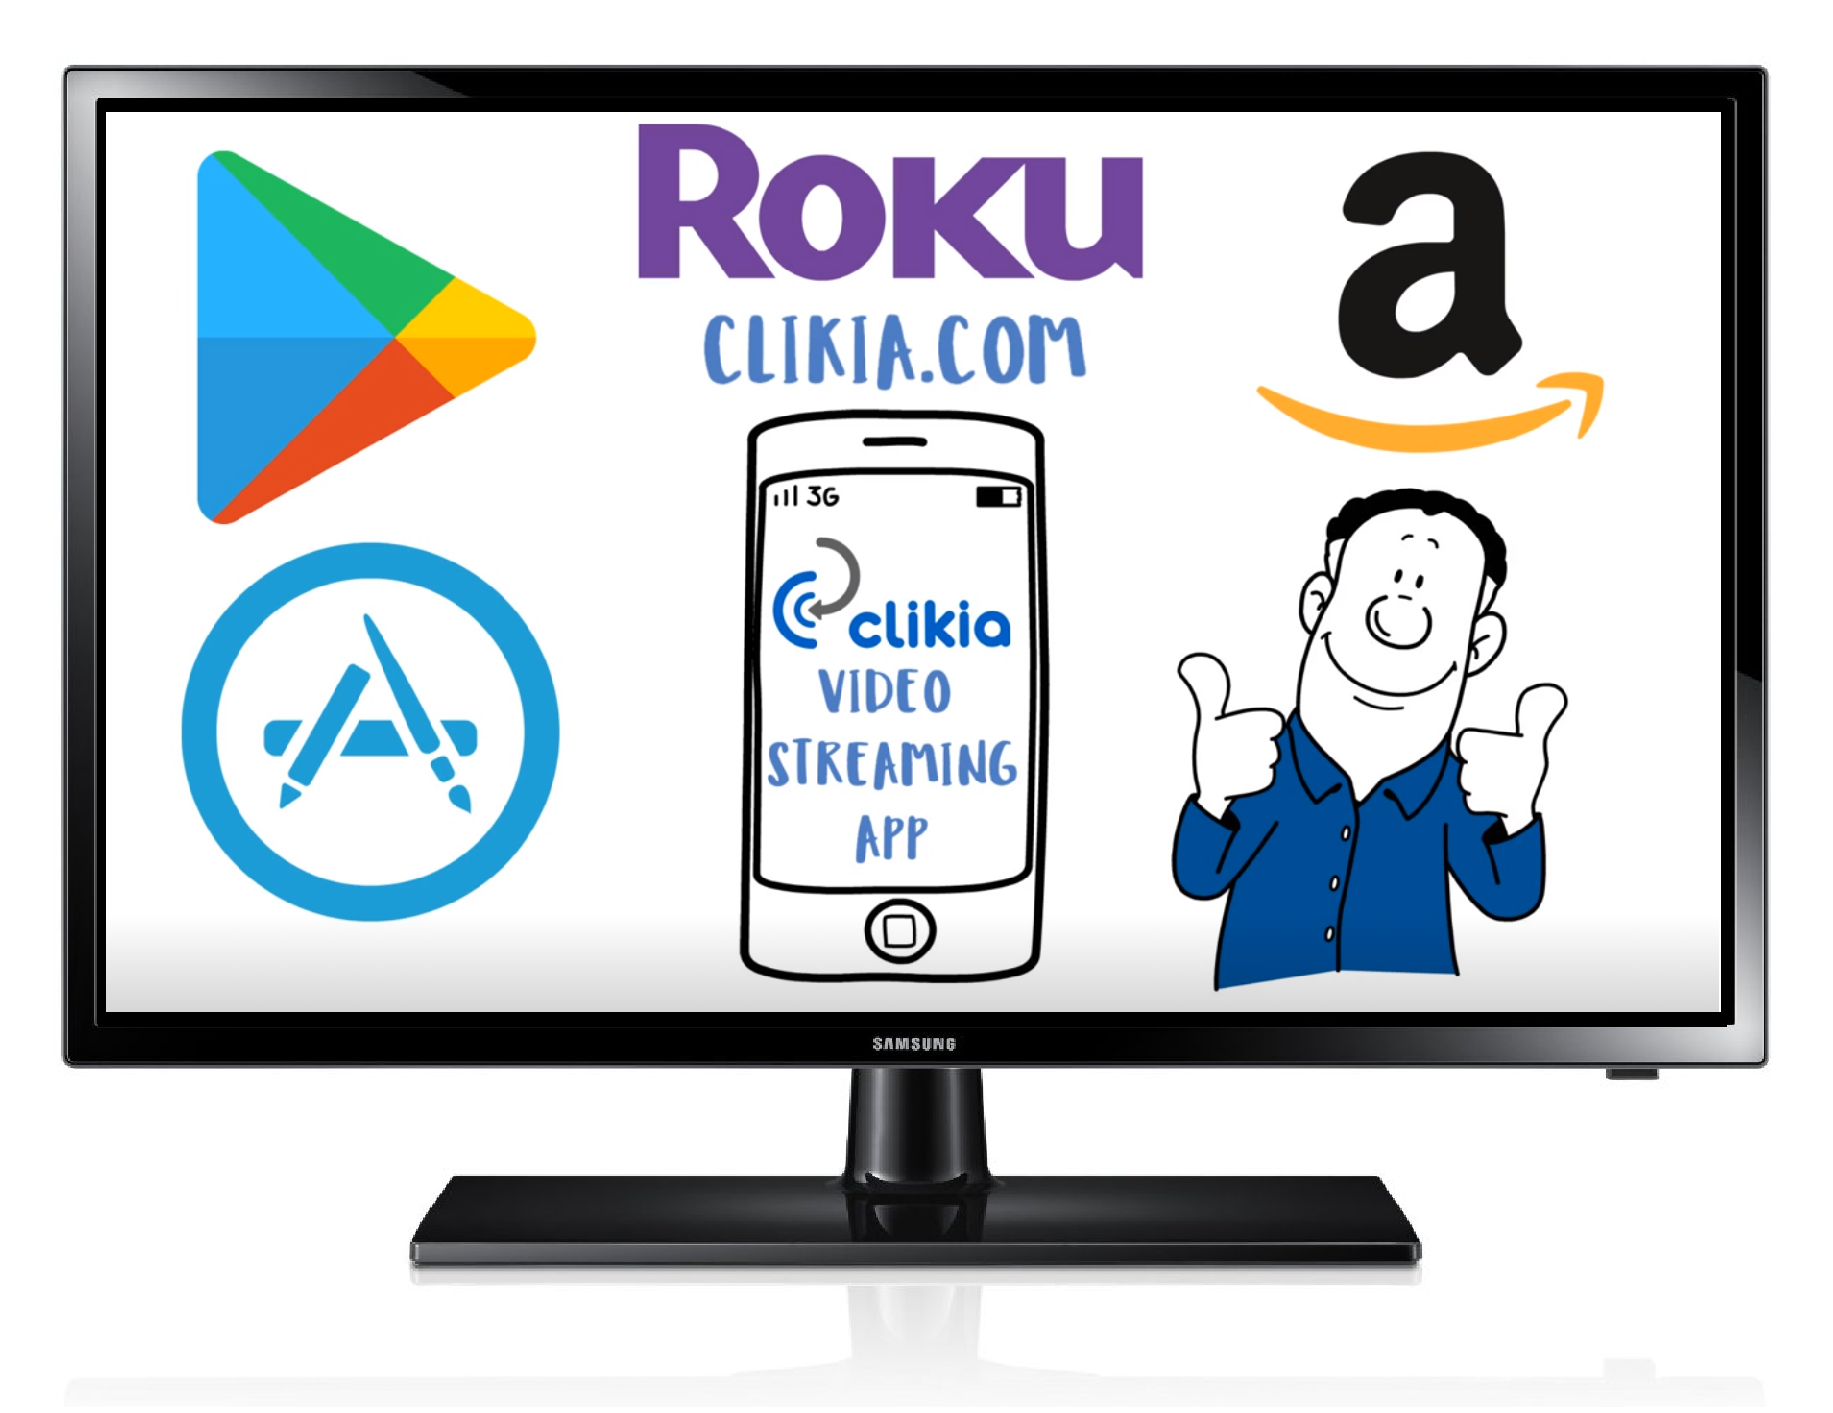 clikia.com promo video